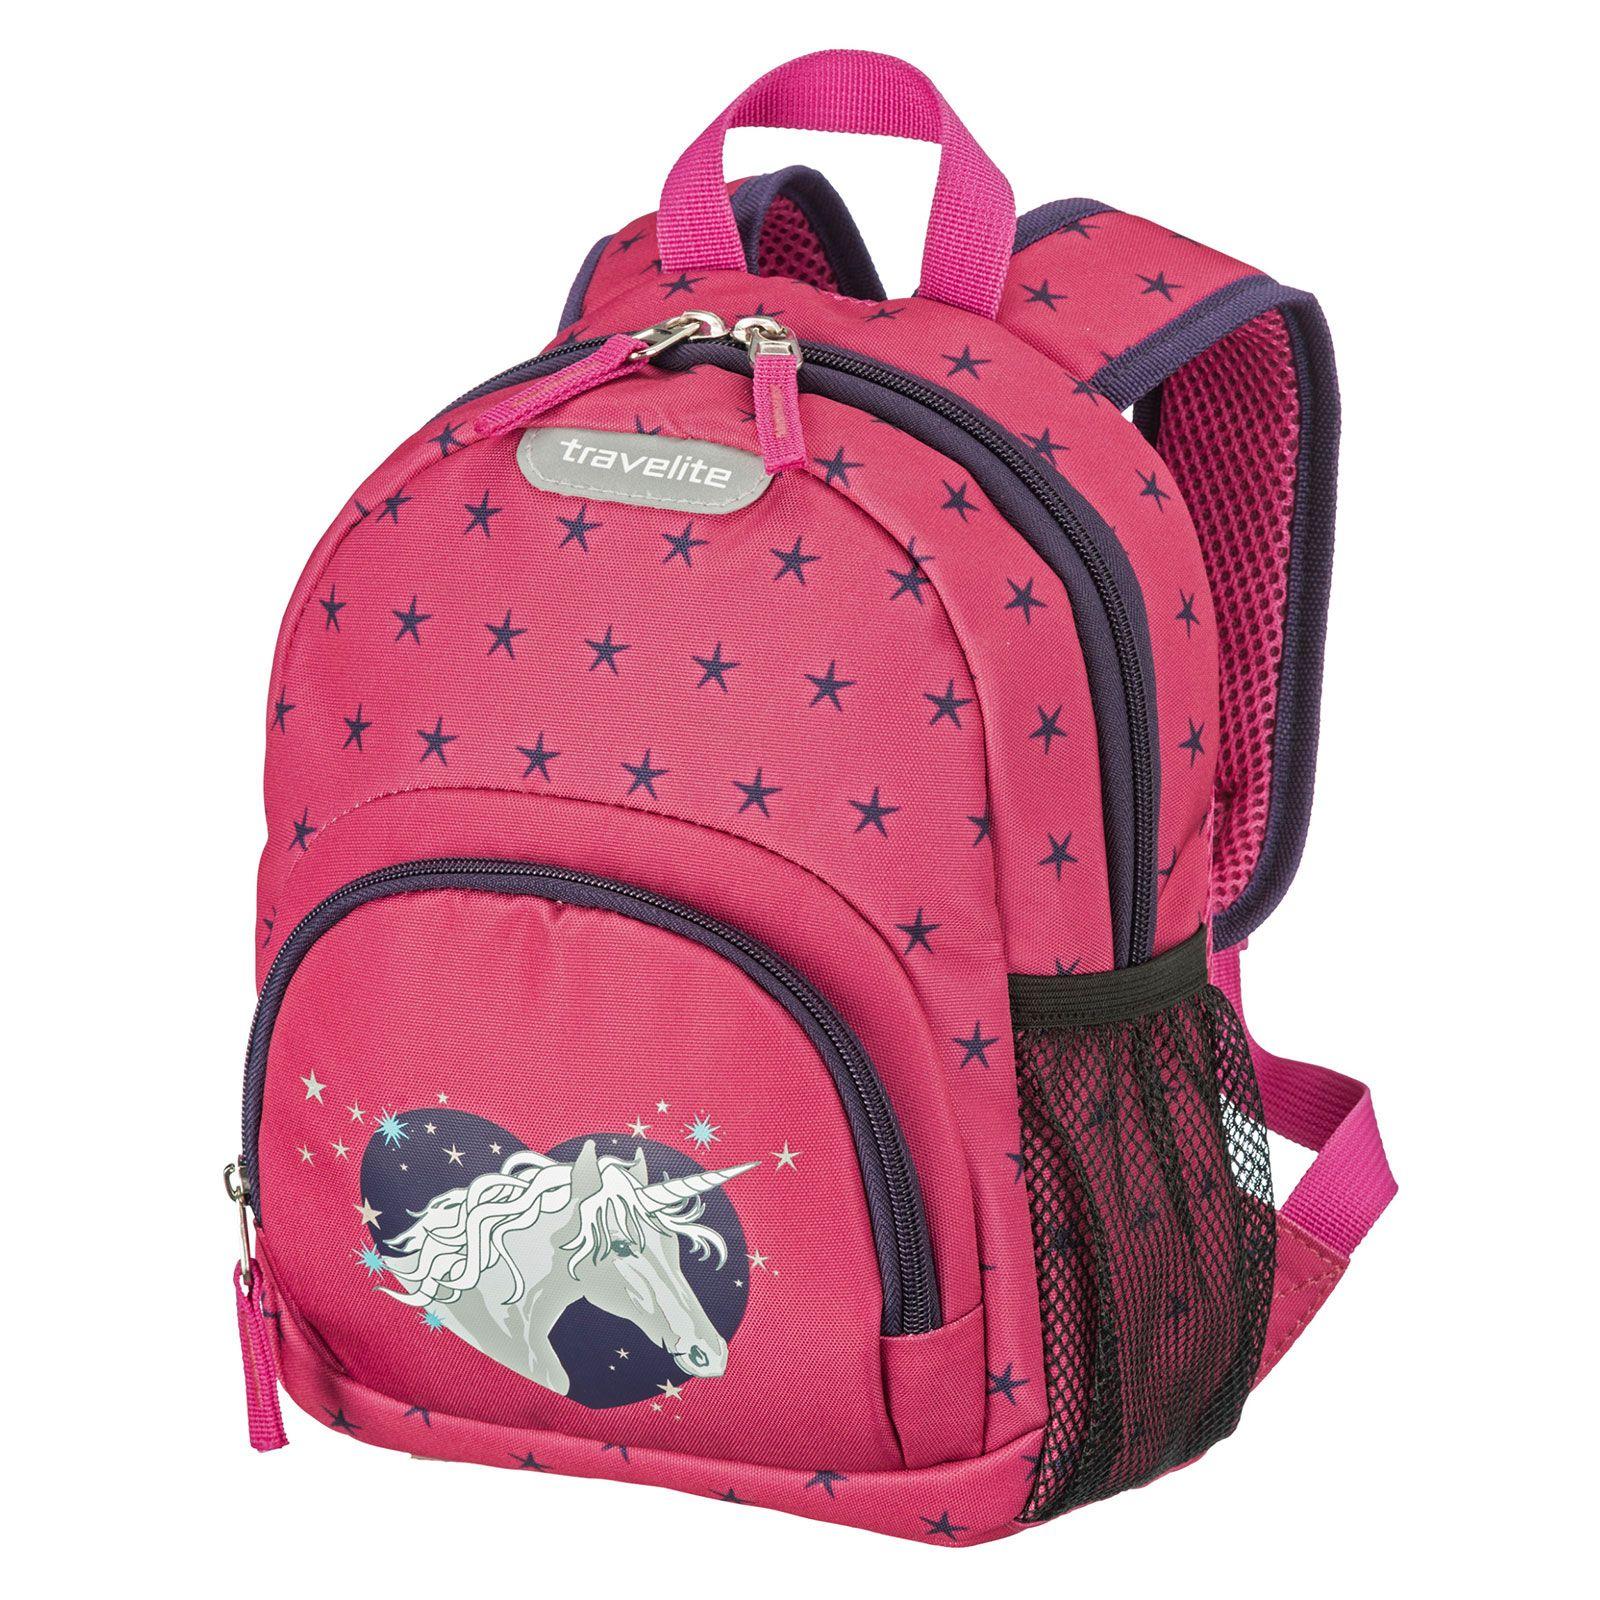 3f715483c011 Travel Tots Ladybug 2 Pc Luggage And Backpack Set- Fenix Toulouse ...